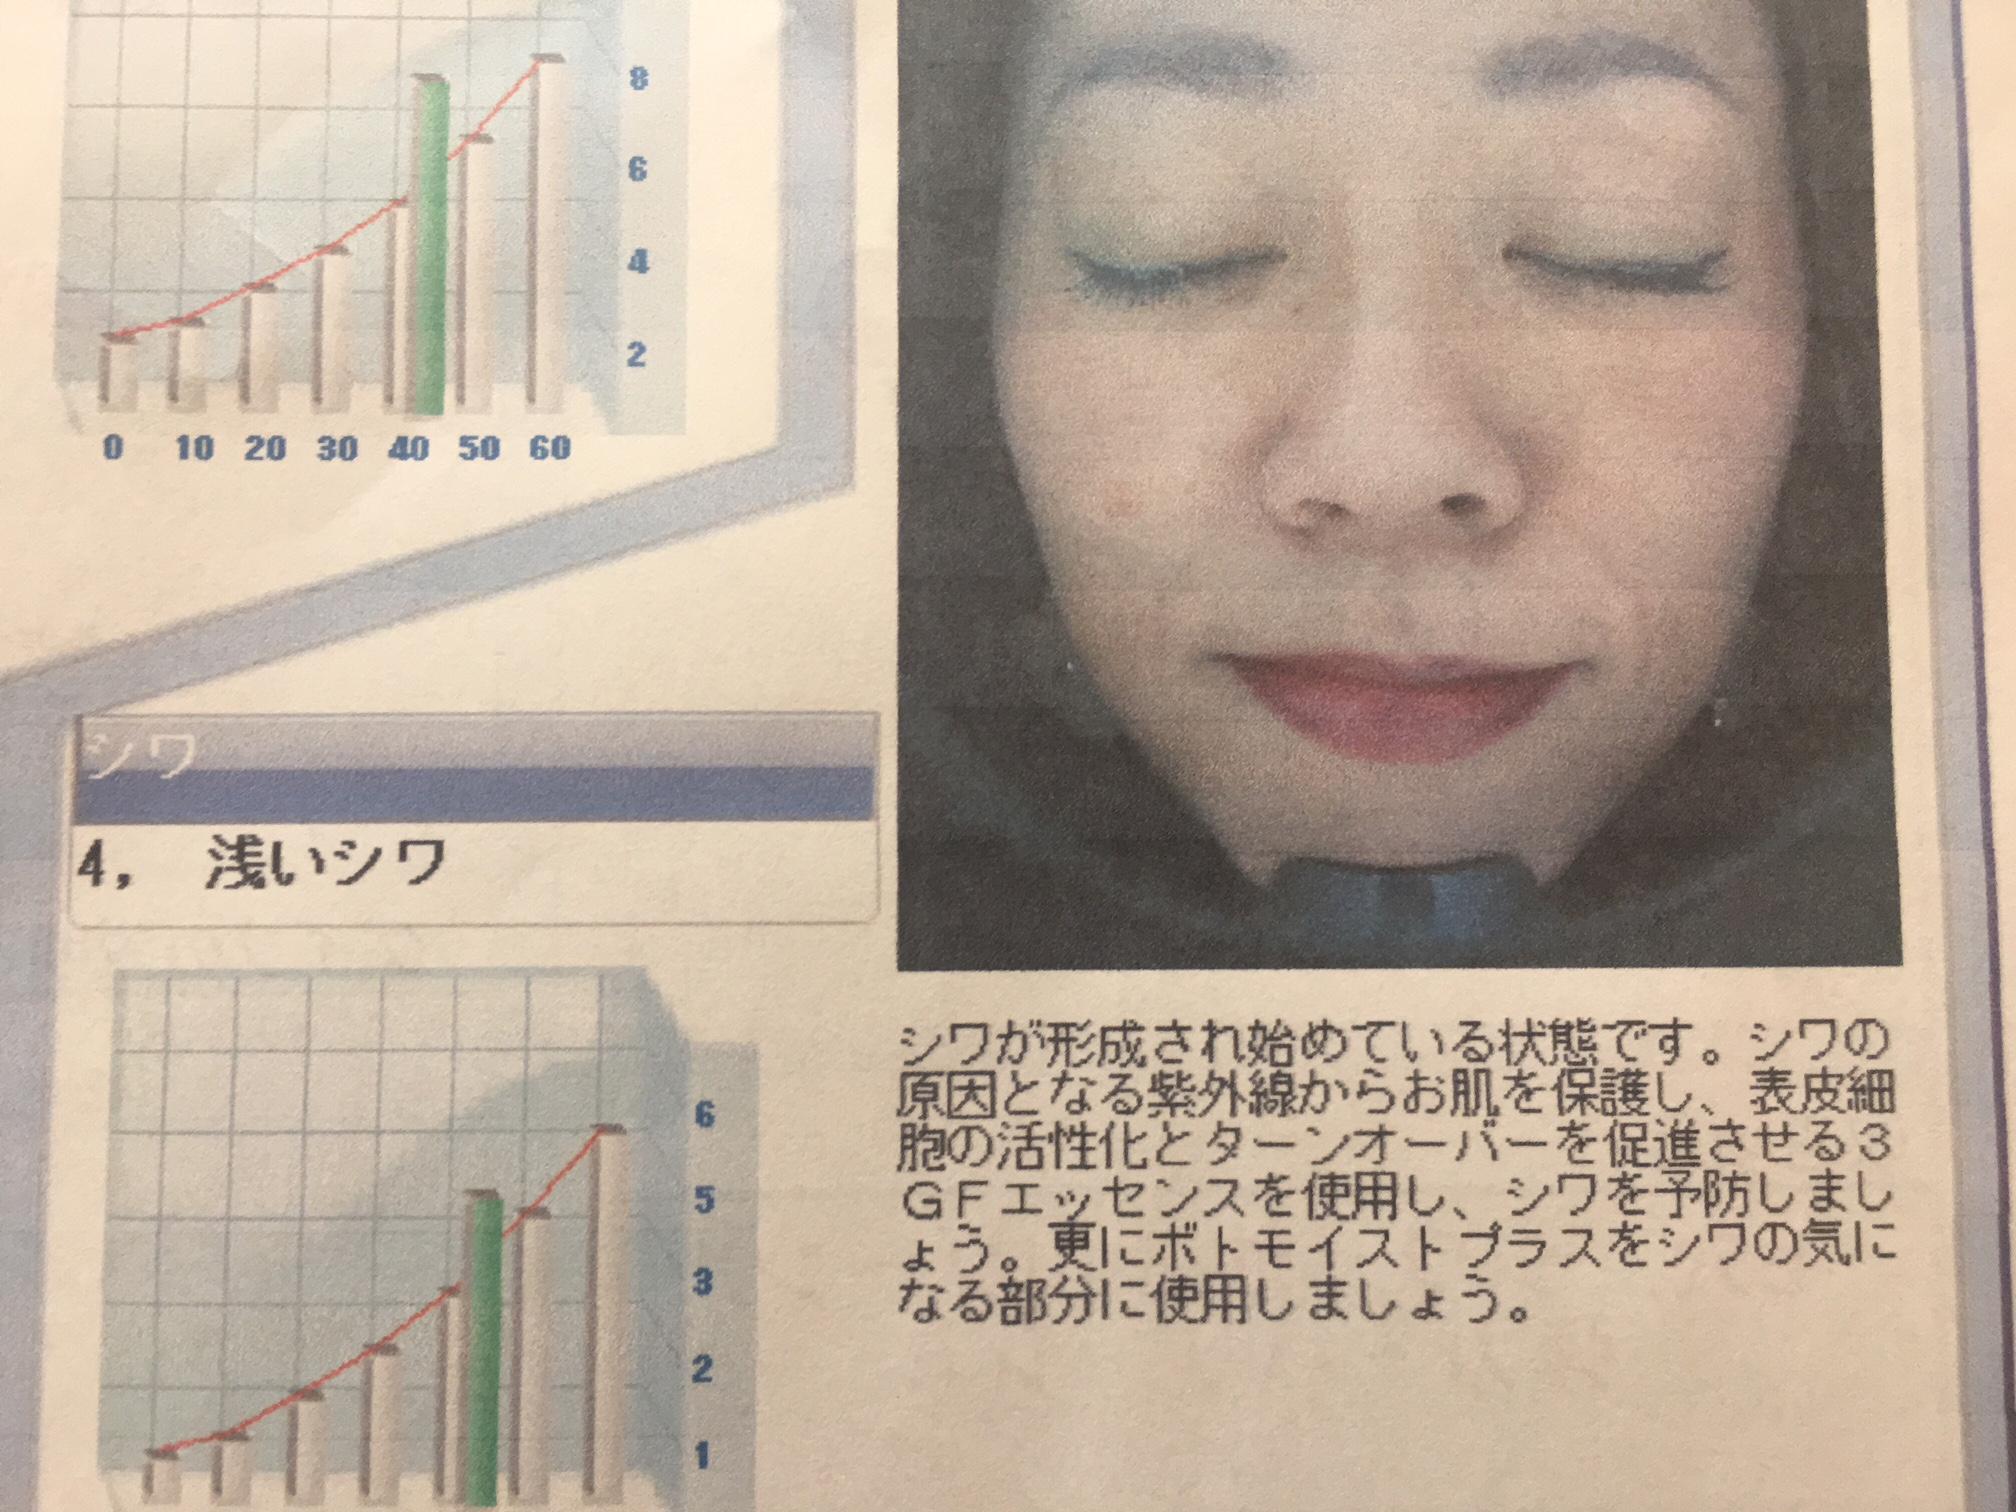 自由が丘クリニック お肌診断 http://www.ankh-jp.com